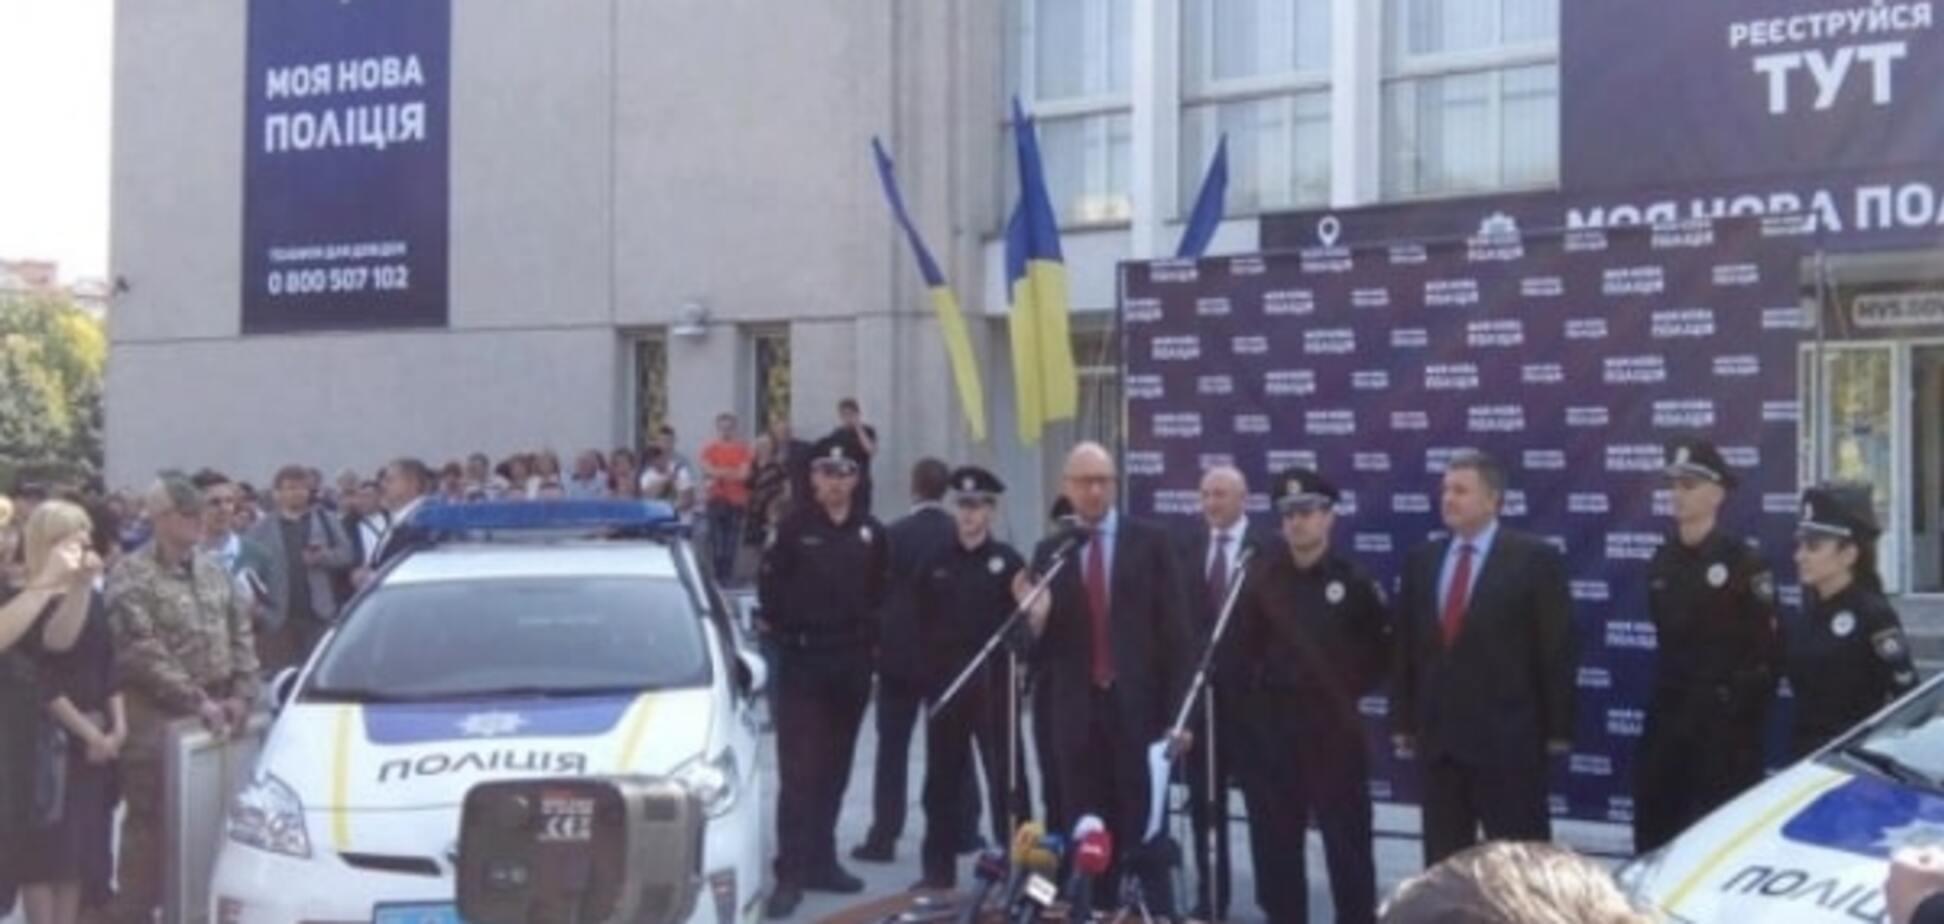 Яценюк и Аваков открыли набор в полицию Полтавы